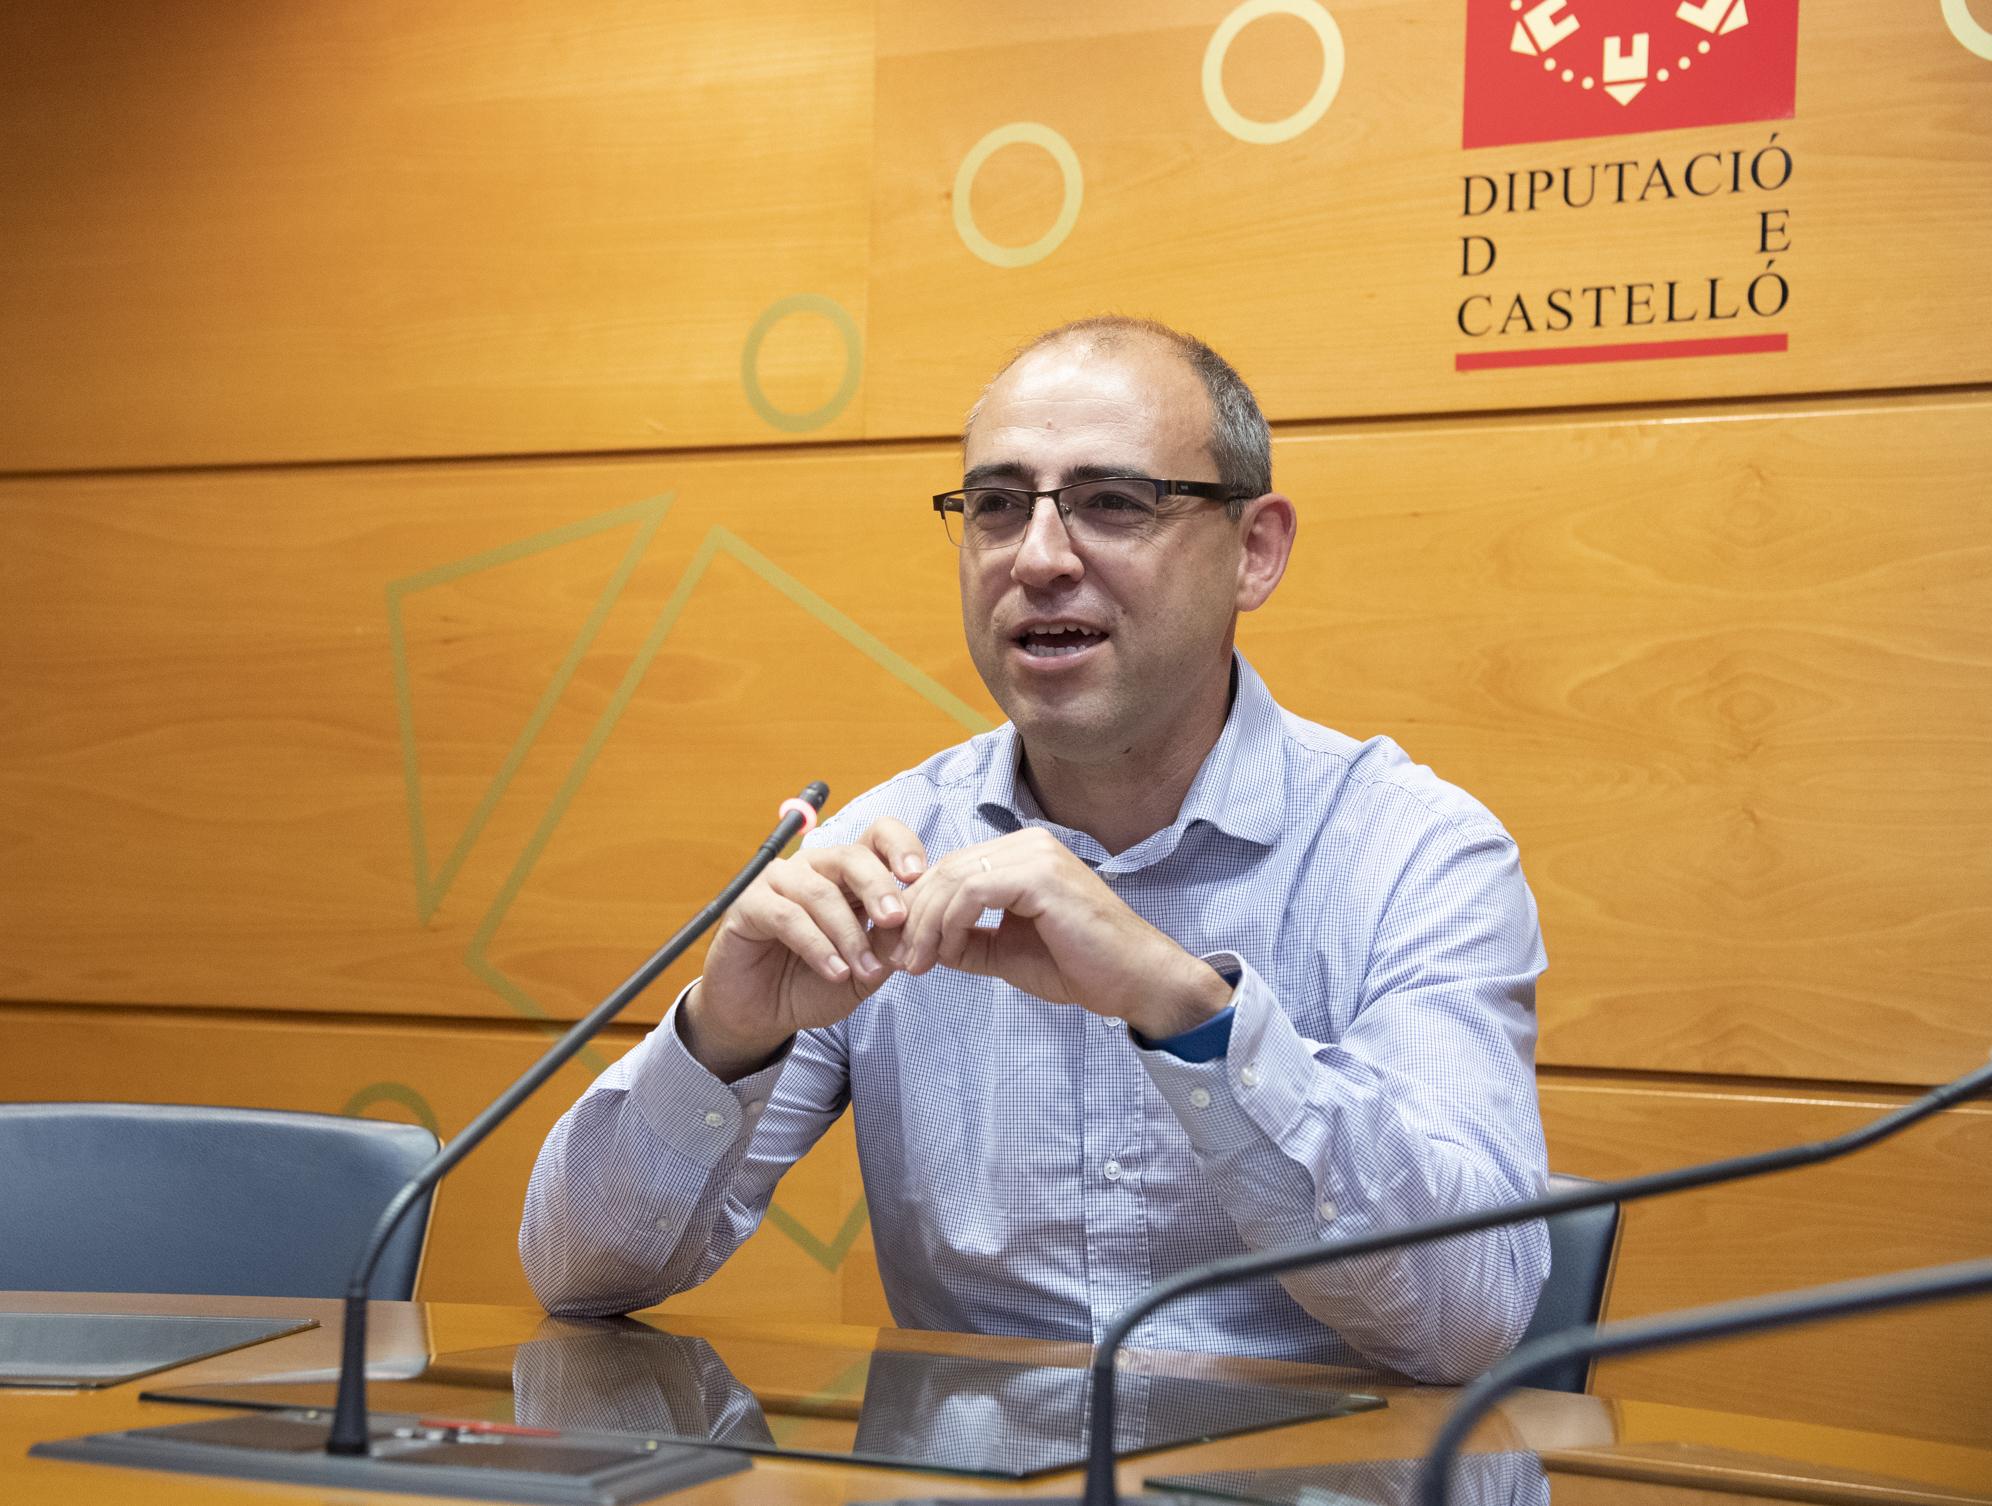 La Diputació treballa en l'adhesió d'una desena de nous productors a 'Castelló Ruta de Sabor'